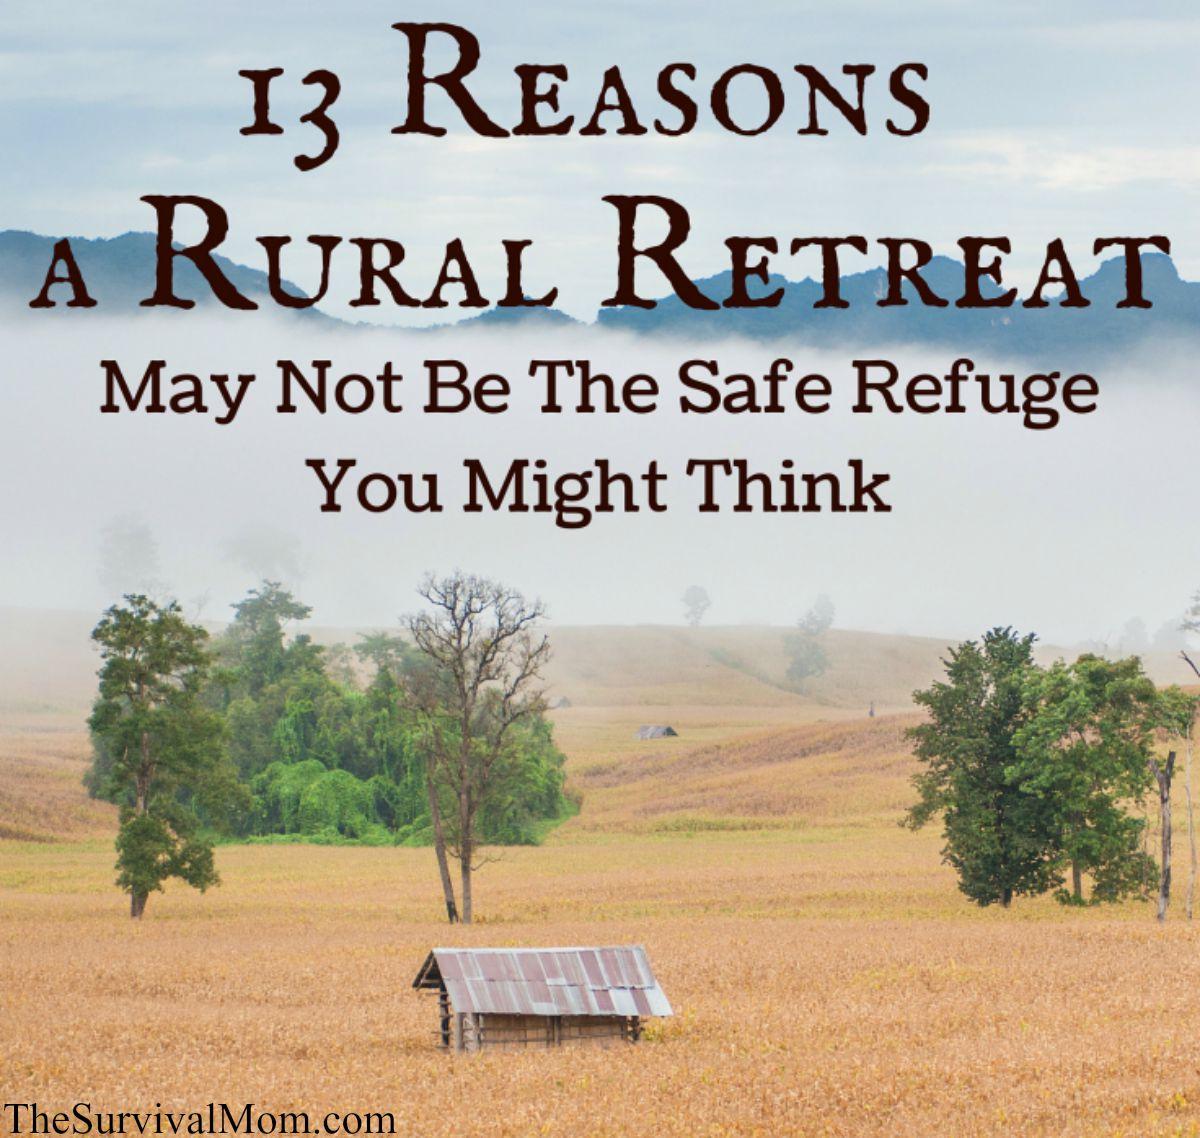 rural survival retreats